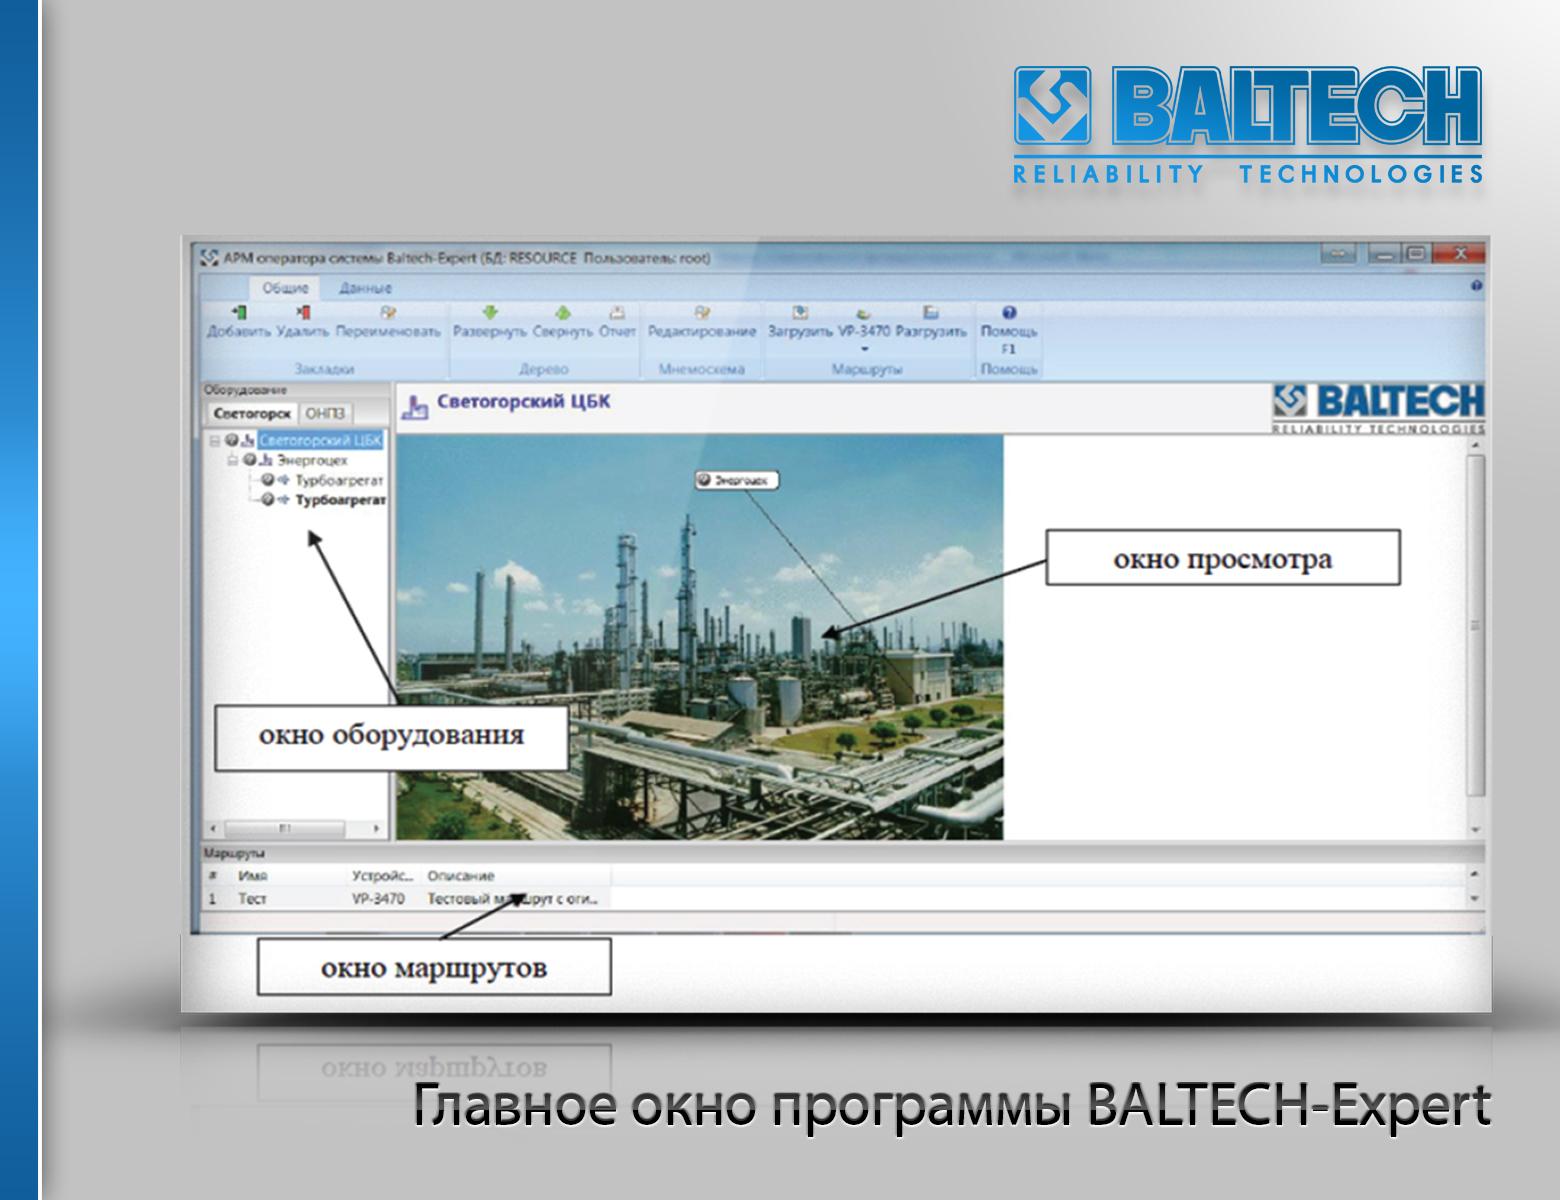 Главное окно программы BALTECH Expert, Программное обеспечение для вибродиагностики